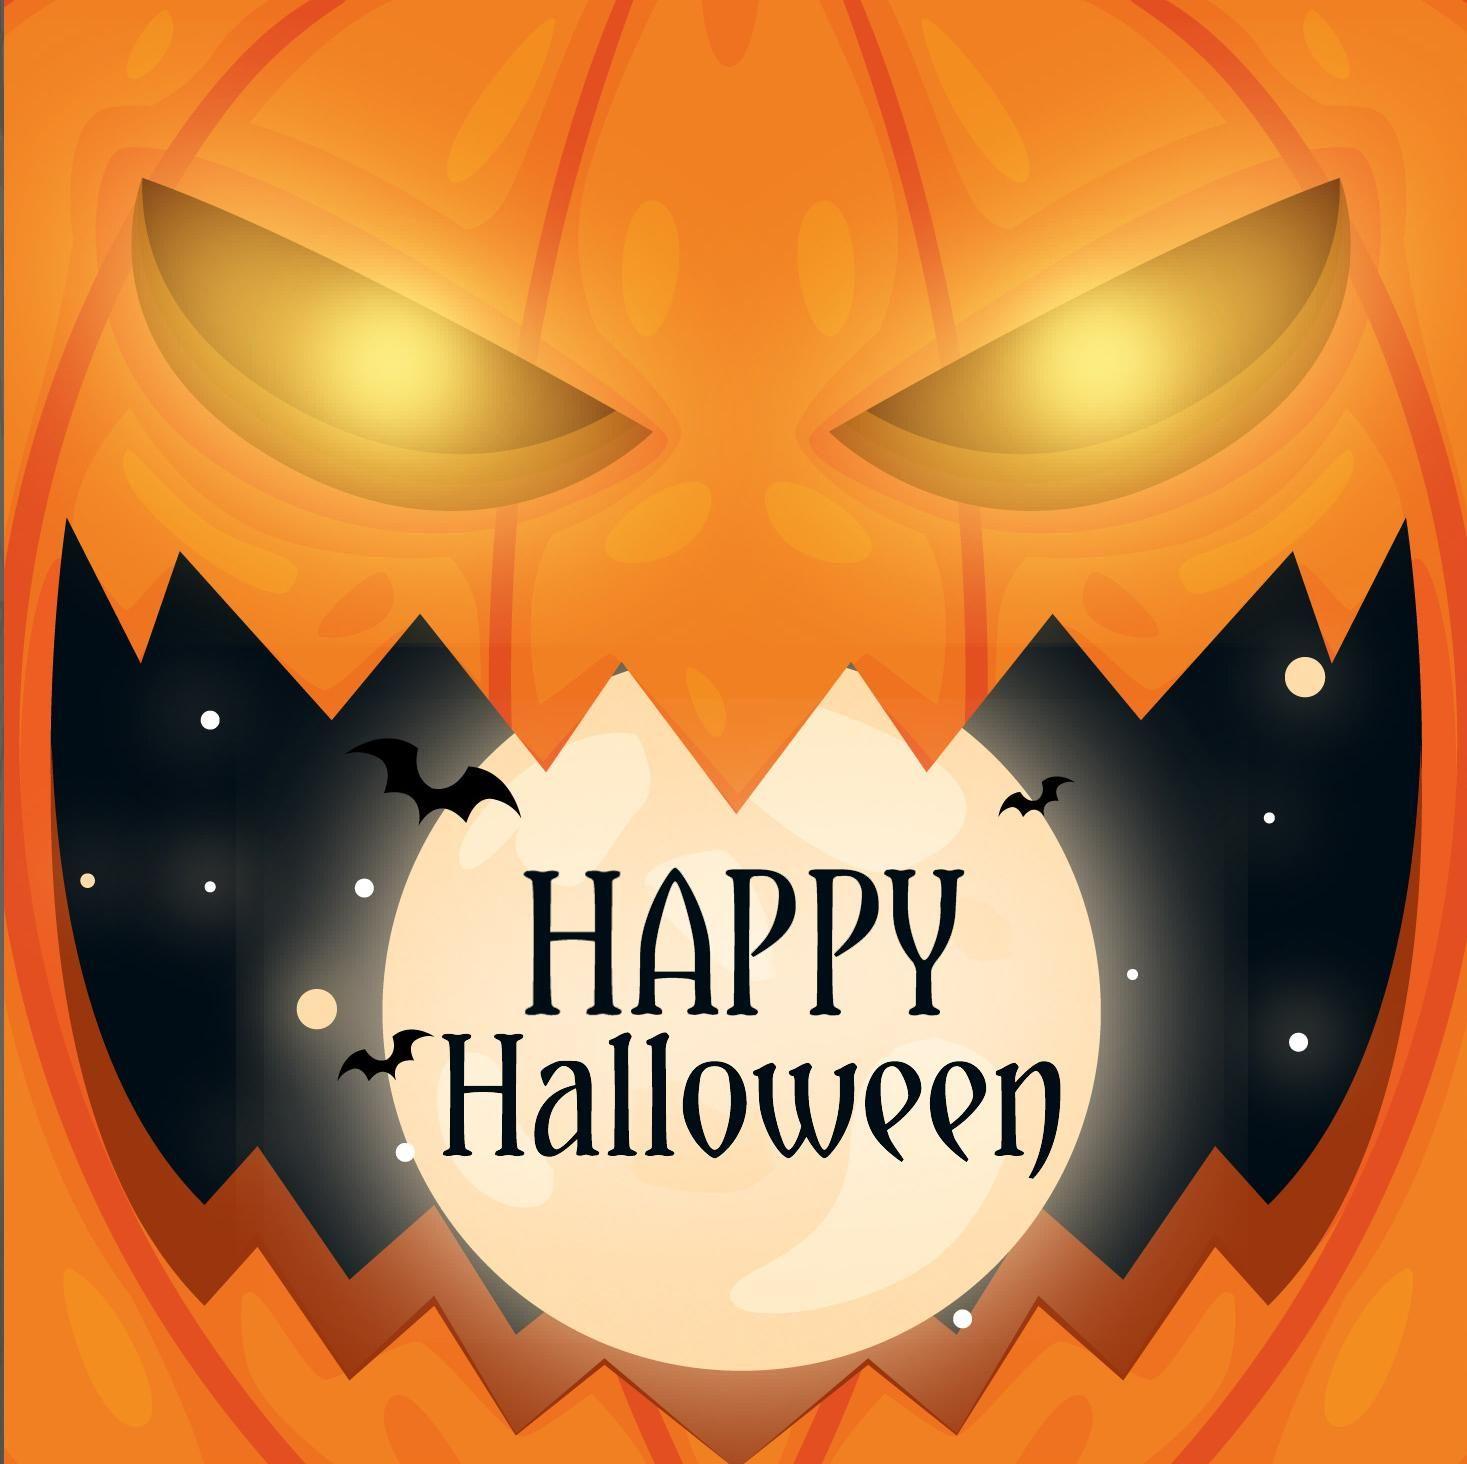 Happy Halloween!! Halloween party design, Halloween